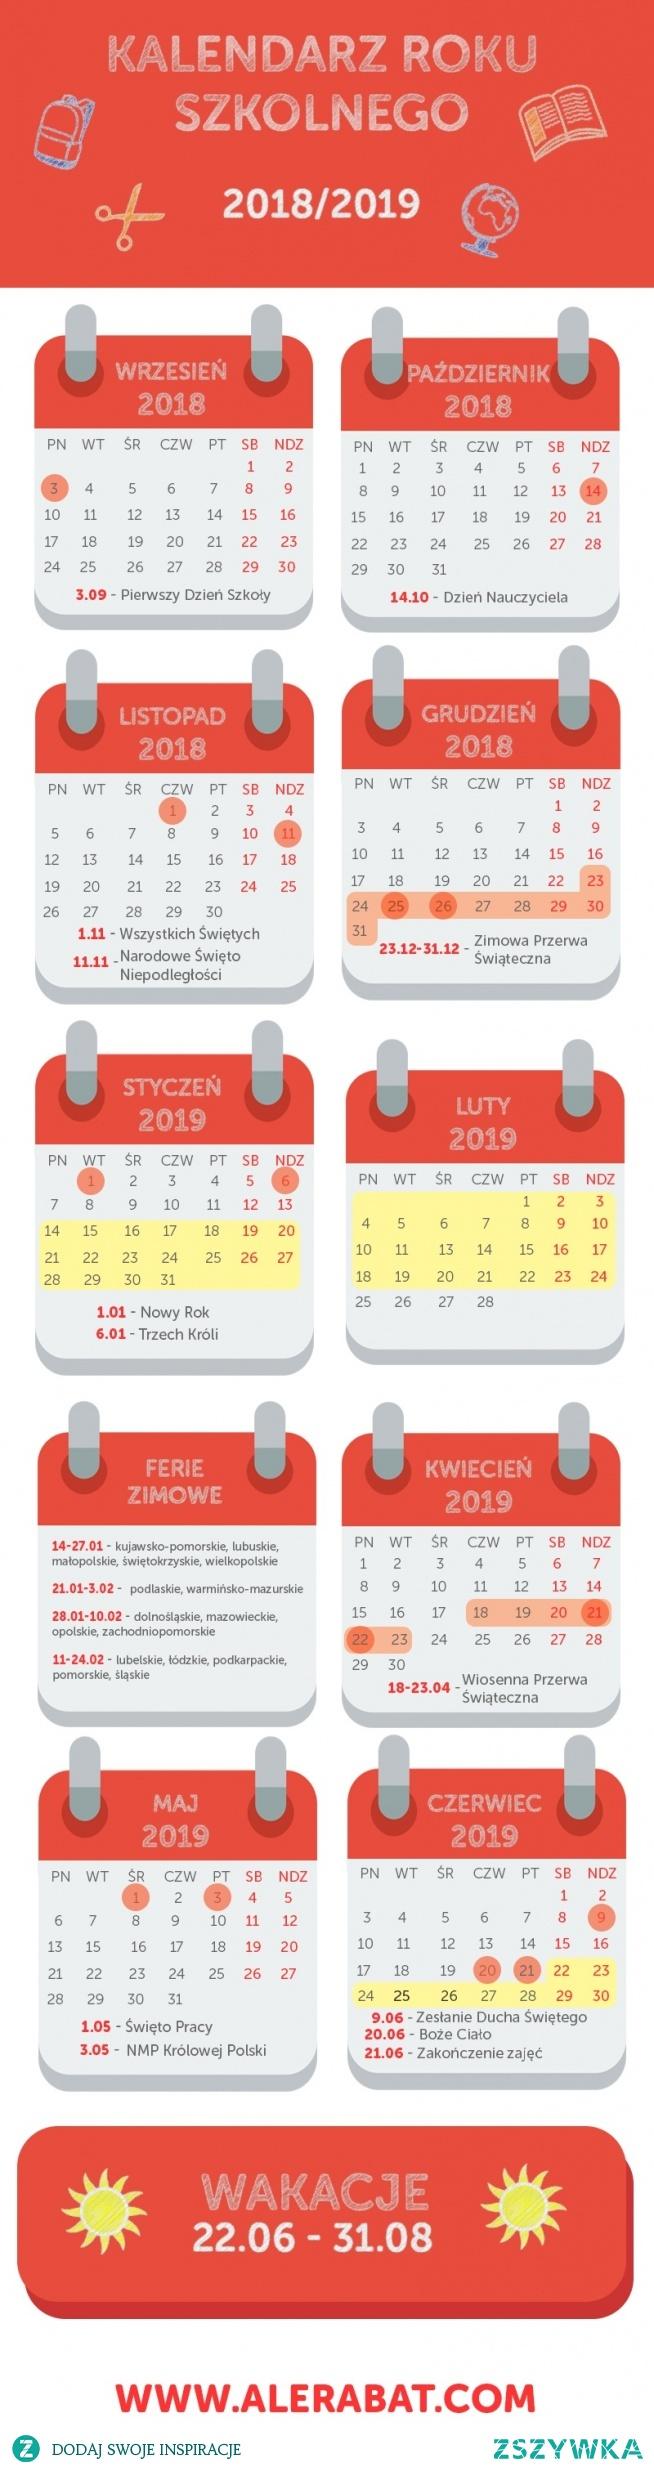 Kalendarz roku szkolnego 2018/2019, infografika